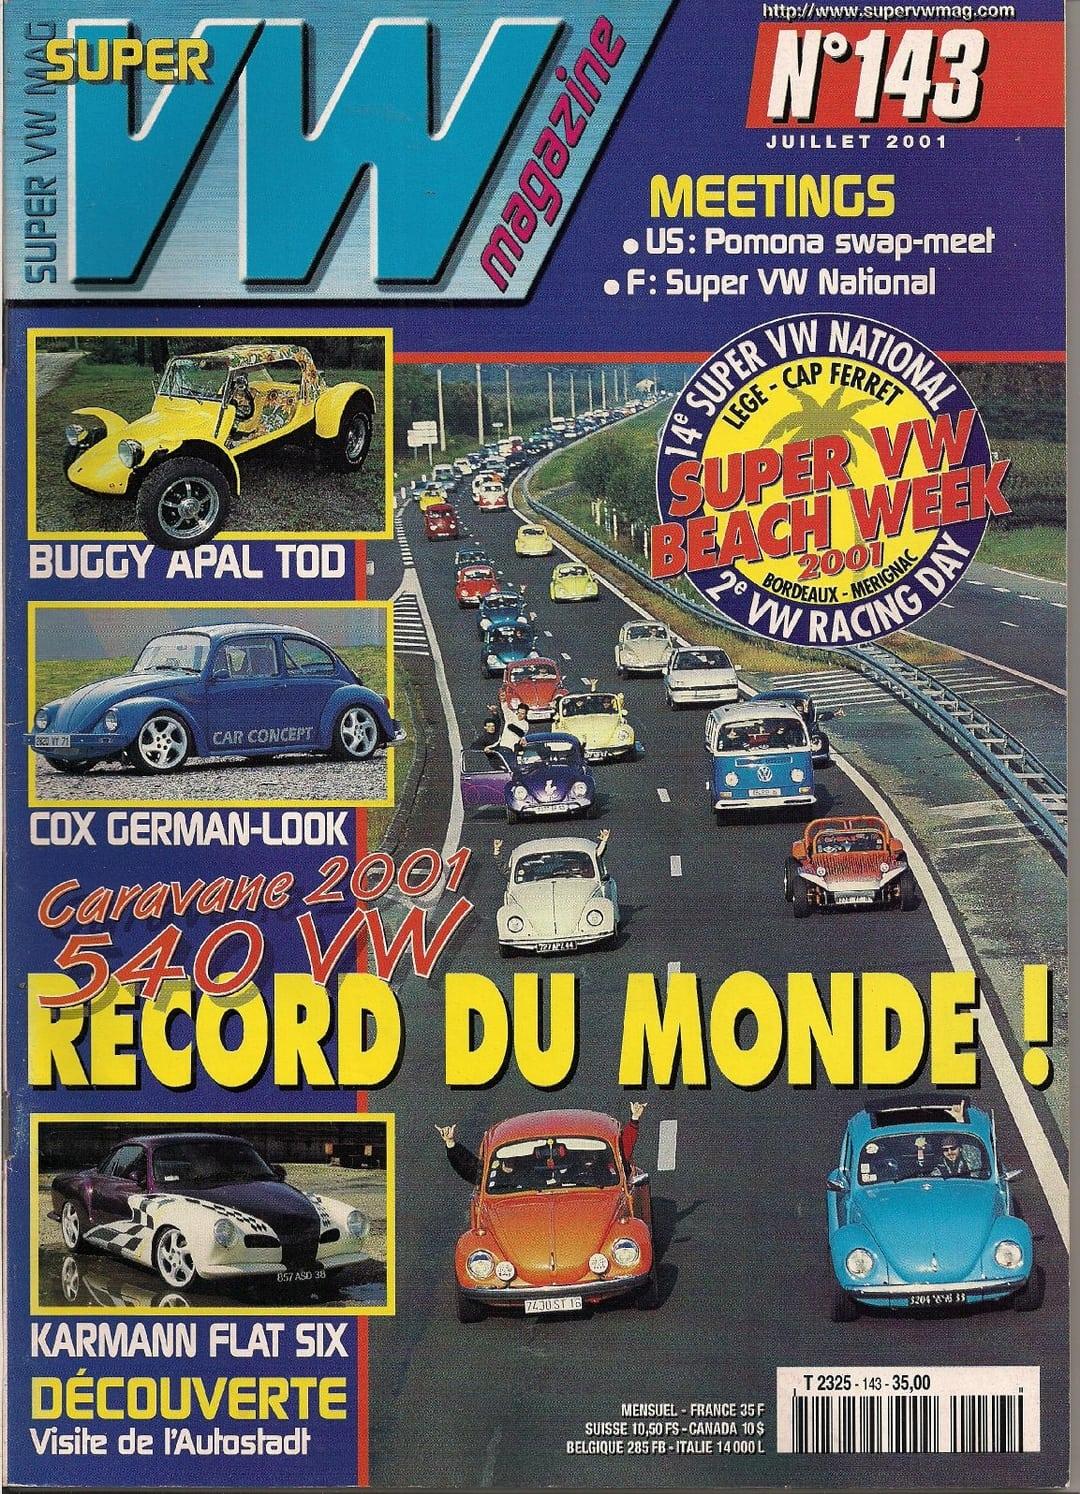 super vw magazine n 143 caravane 2001 540 vw record du monde juillet 2001 ebay. Black Bedroom Furniture Sets. Home Design Ideas